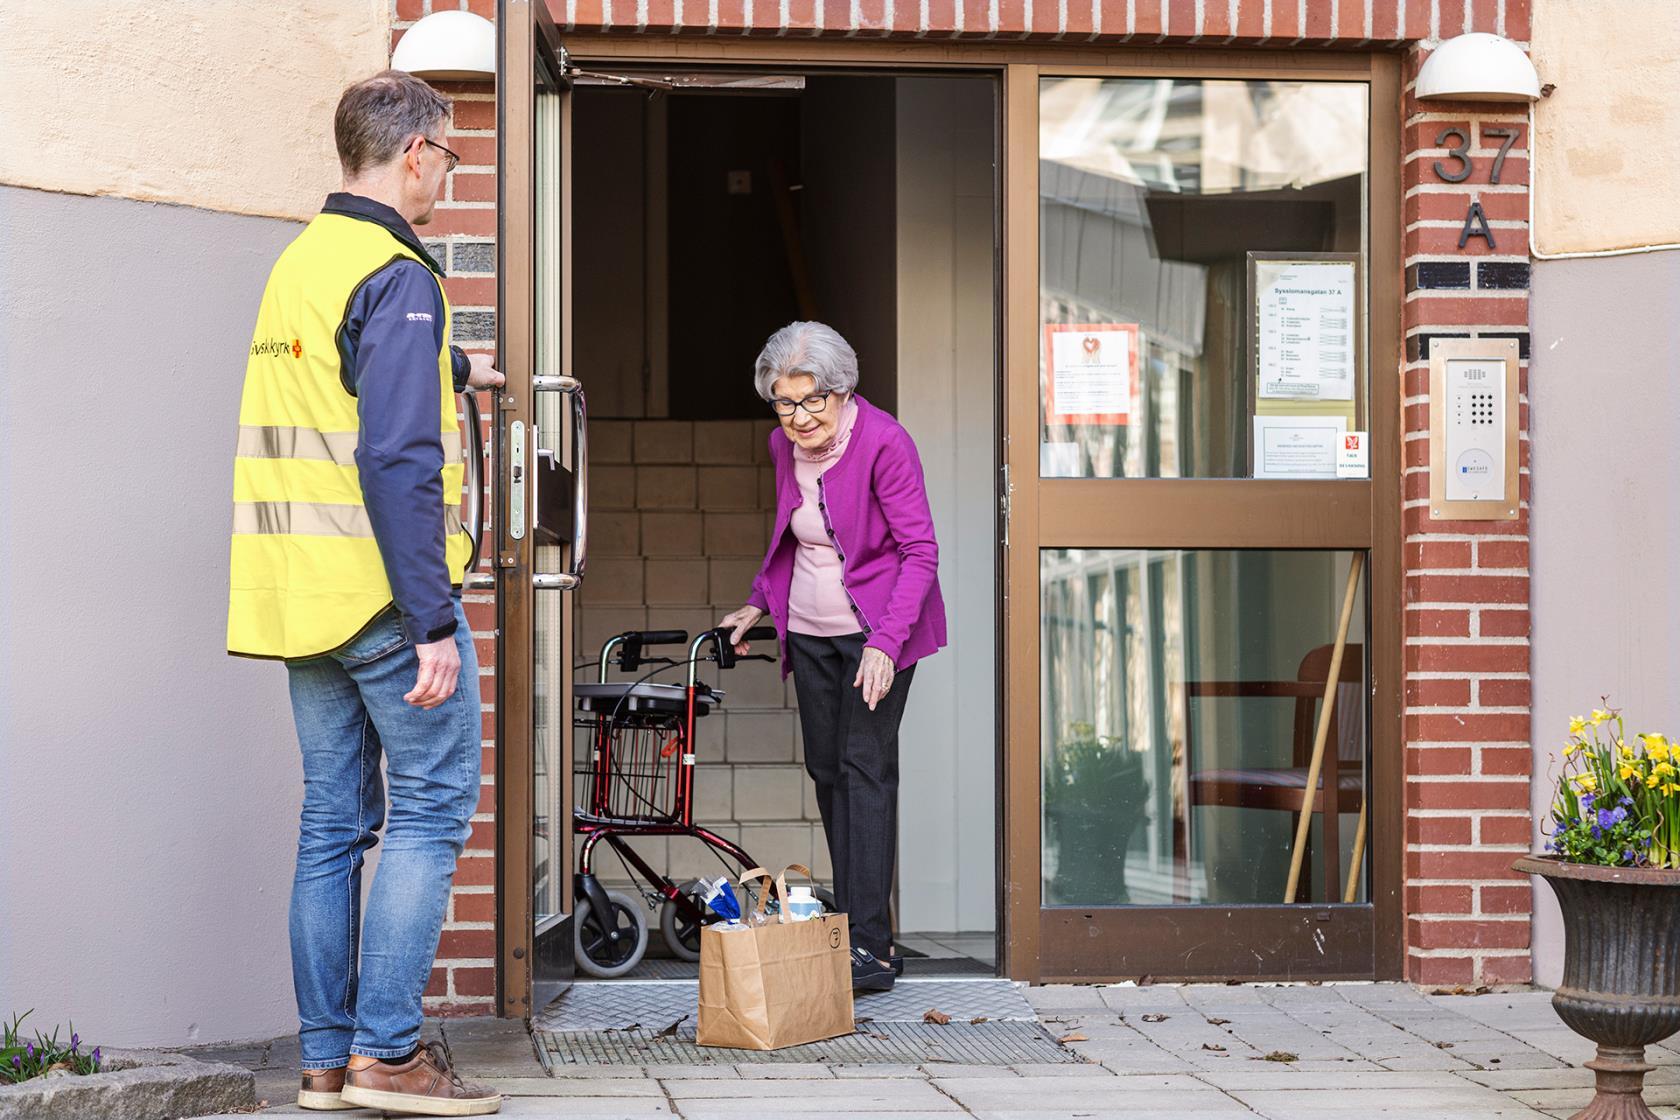 äldre kvinna som söker en manlig vän växjö kåta kvinnor som söker män i ackas att knulla med omedelbart